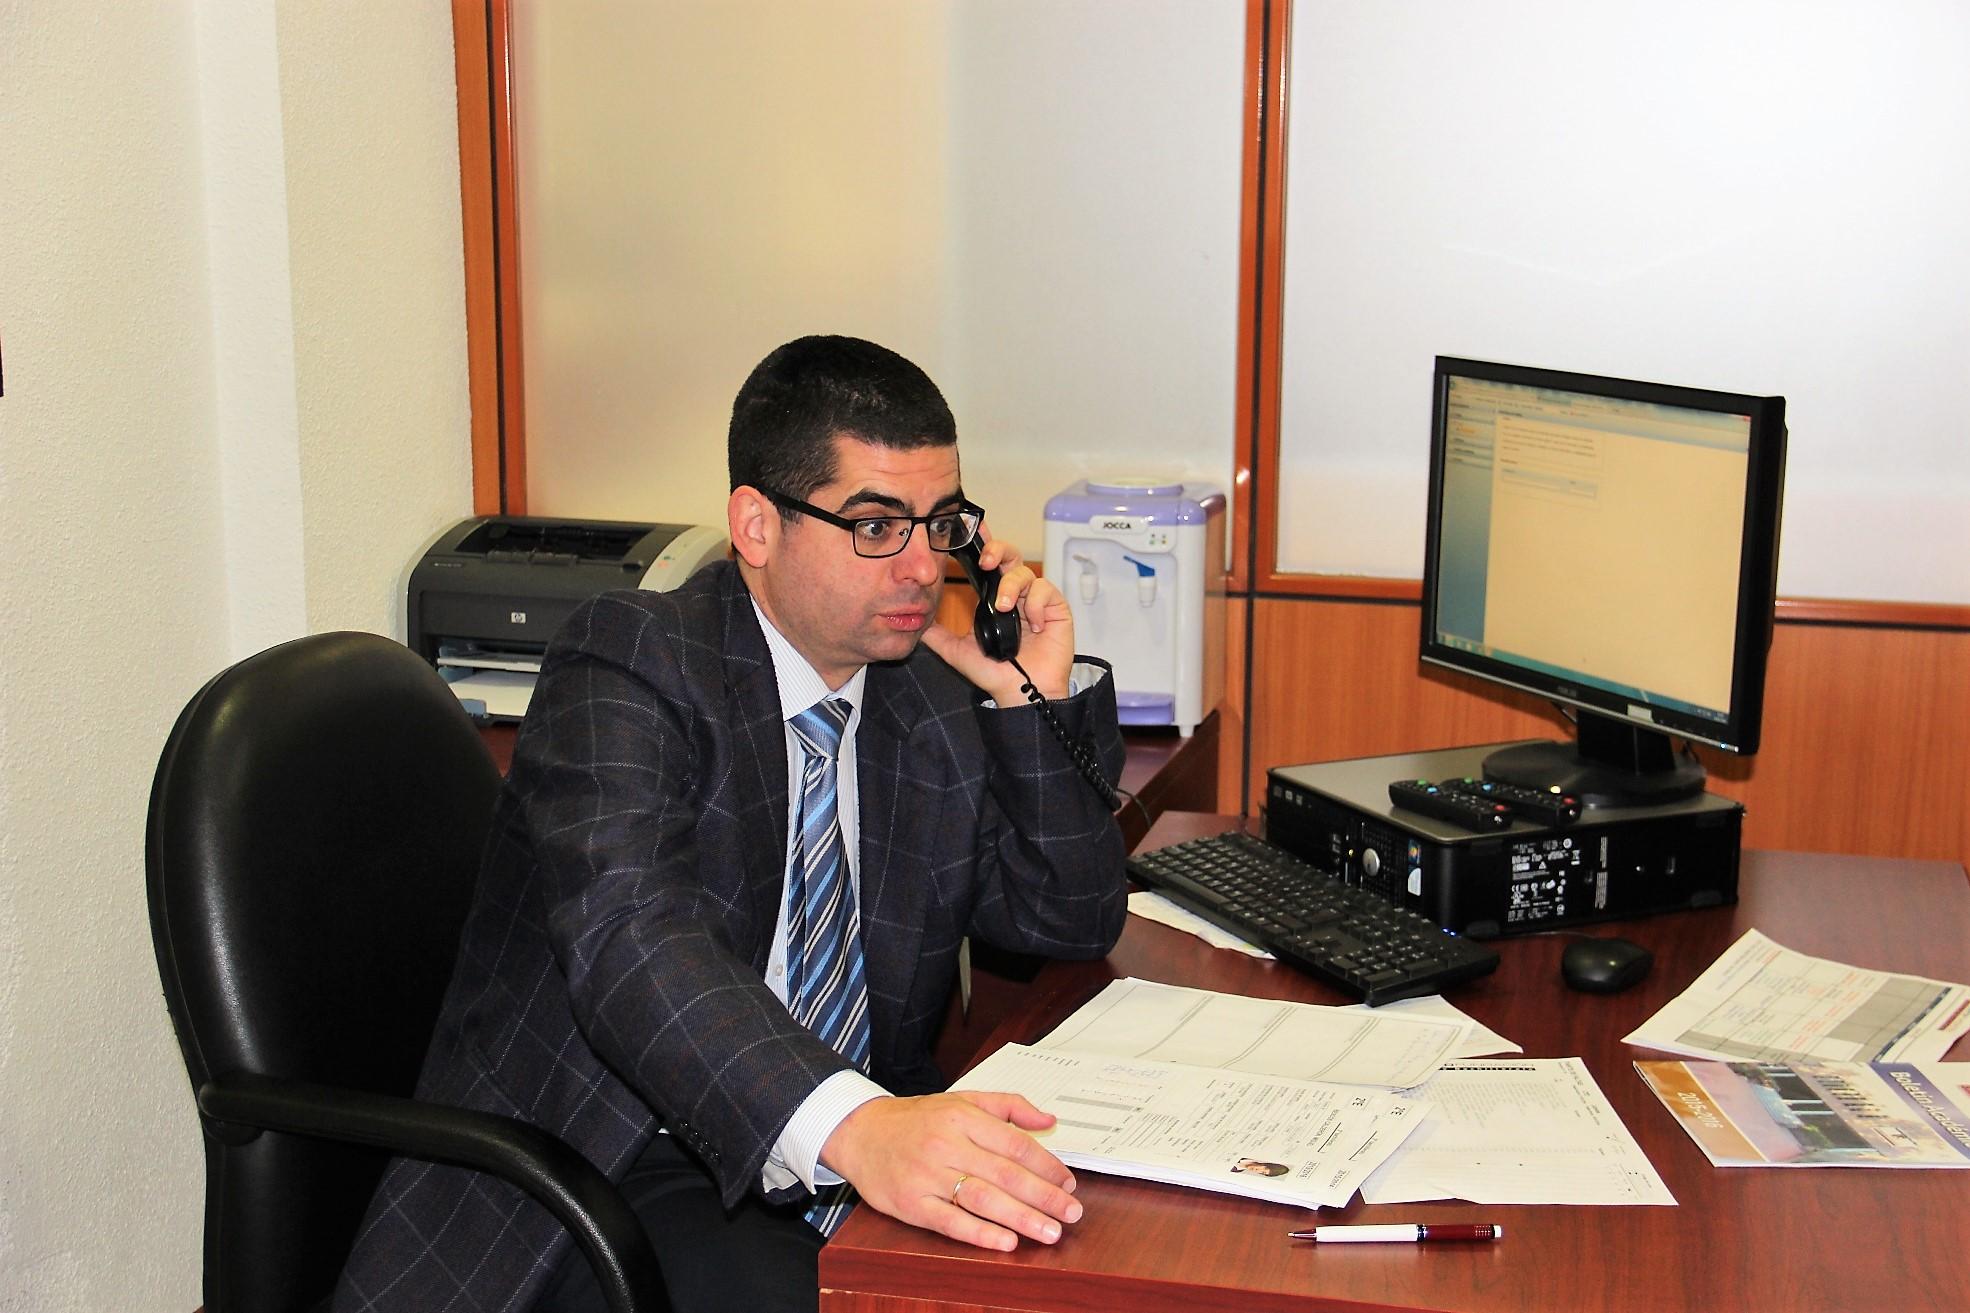 Álvaro Muelas. Doctor en Psicopedagogía y Orientador de Fomento Fundación